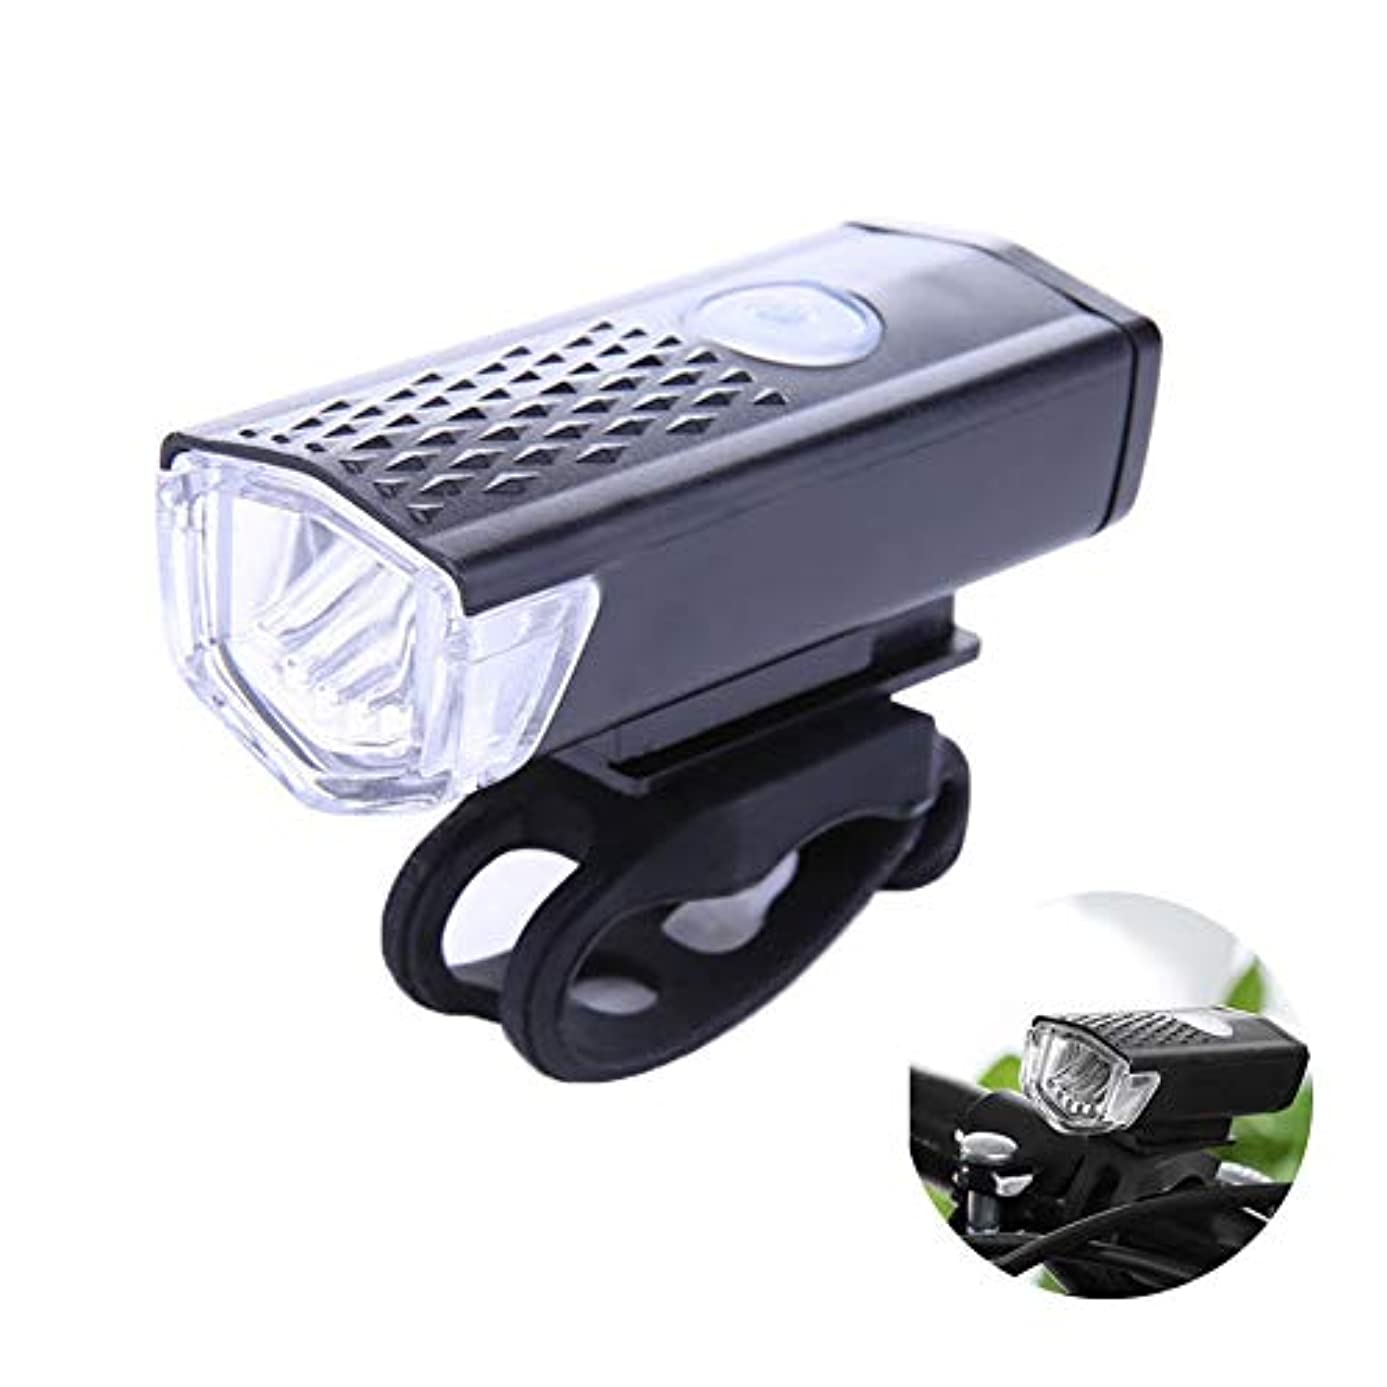 オーバーラン相関する可聴自転車ライト LEDヘッドライト ロードバイクライトUSB充電式 スポーツ アウトドア サイクリング 用ライト 自転車前照灯 防水 防災フロント用 懐中電灯